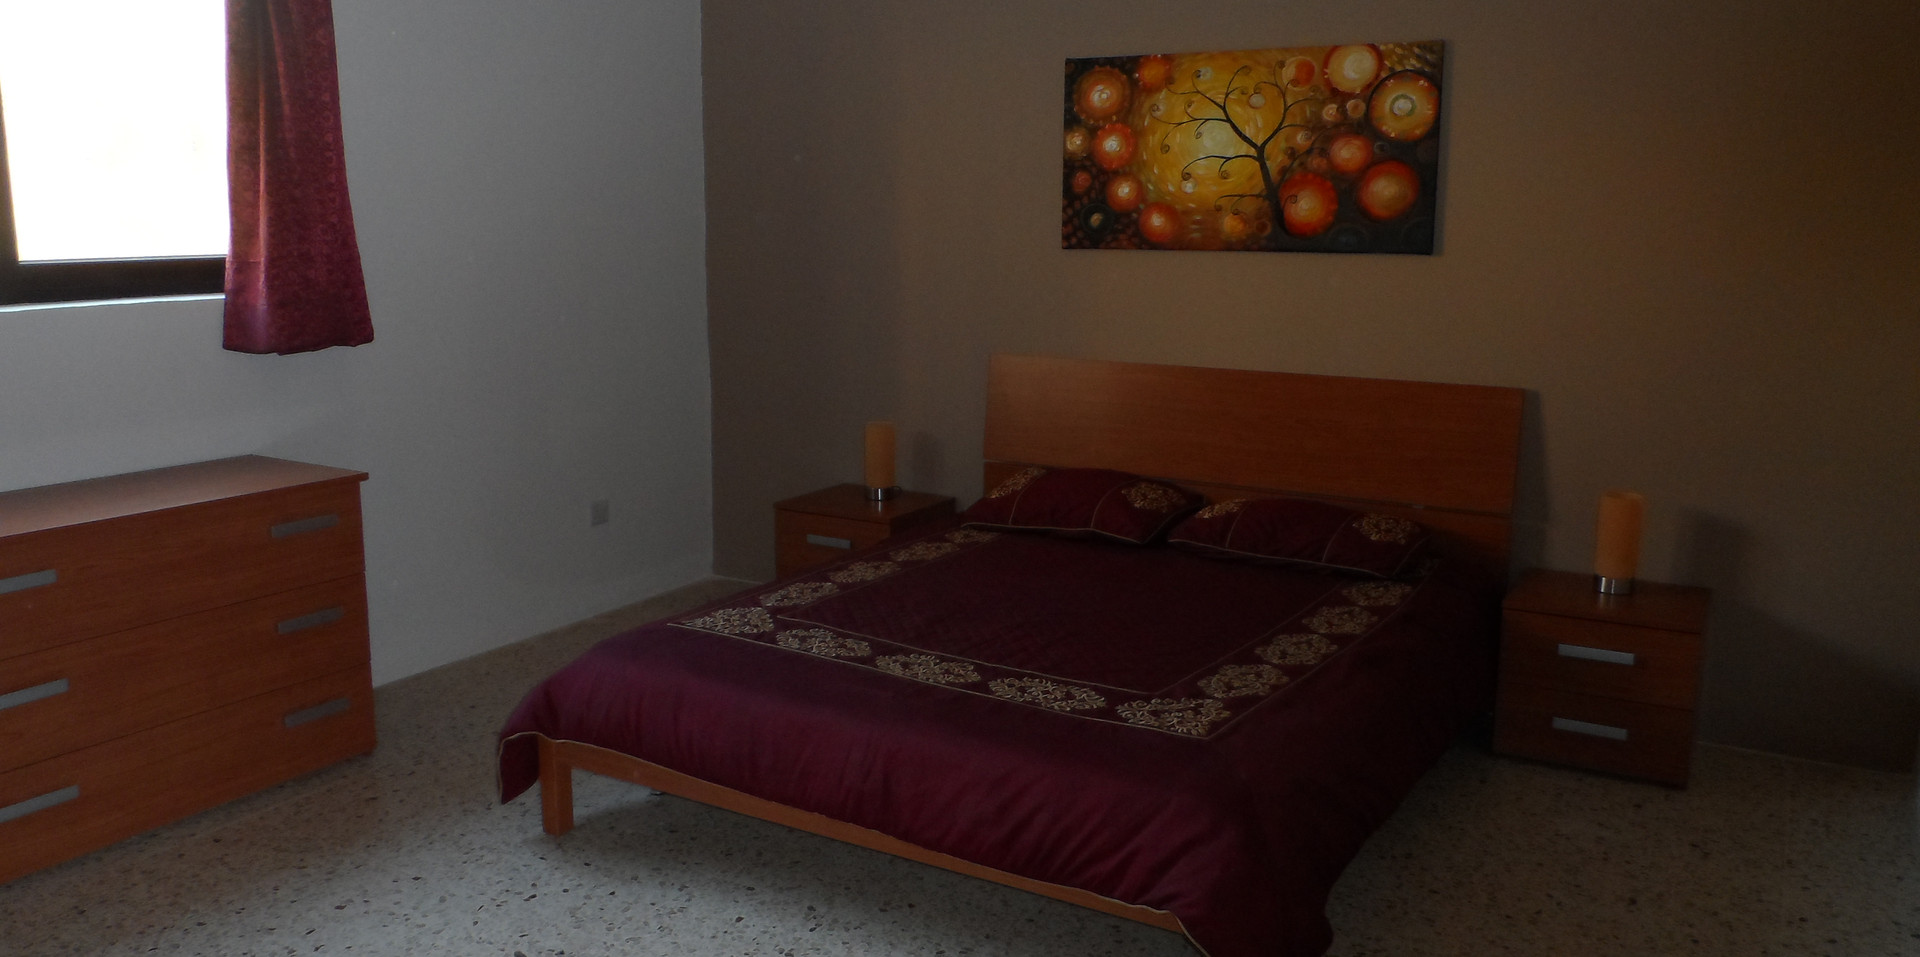 20 - Master Bedroom 4.JPG